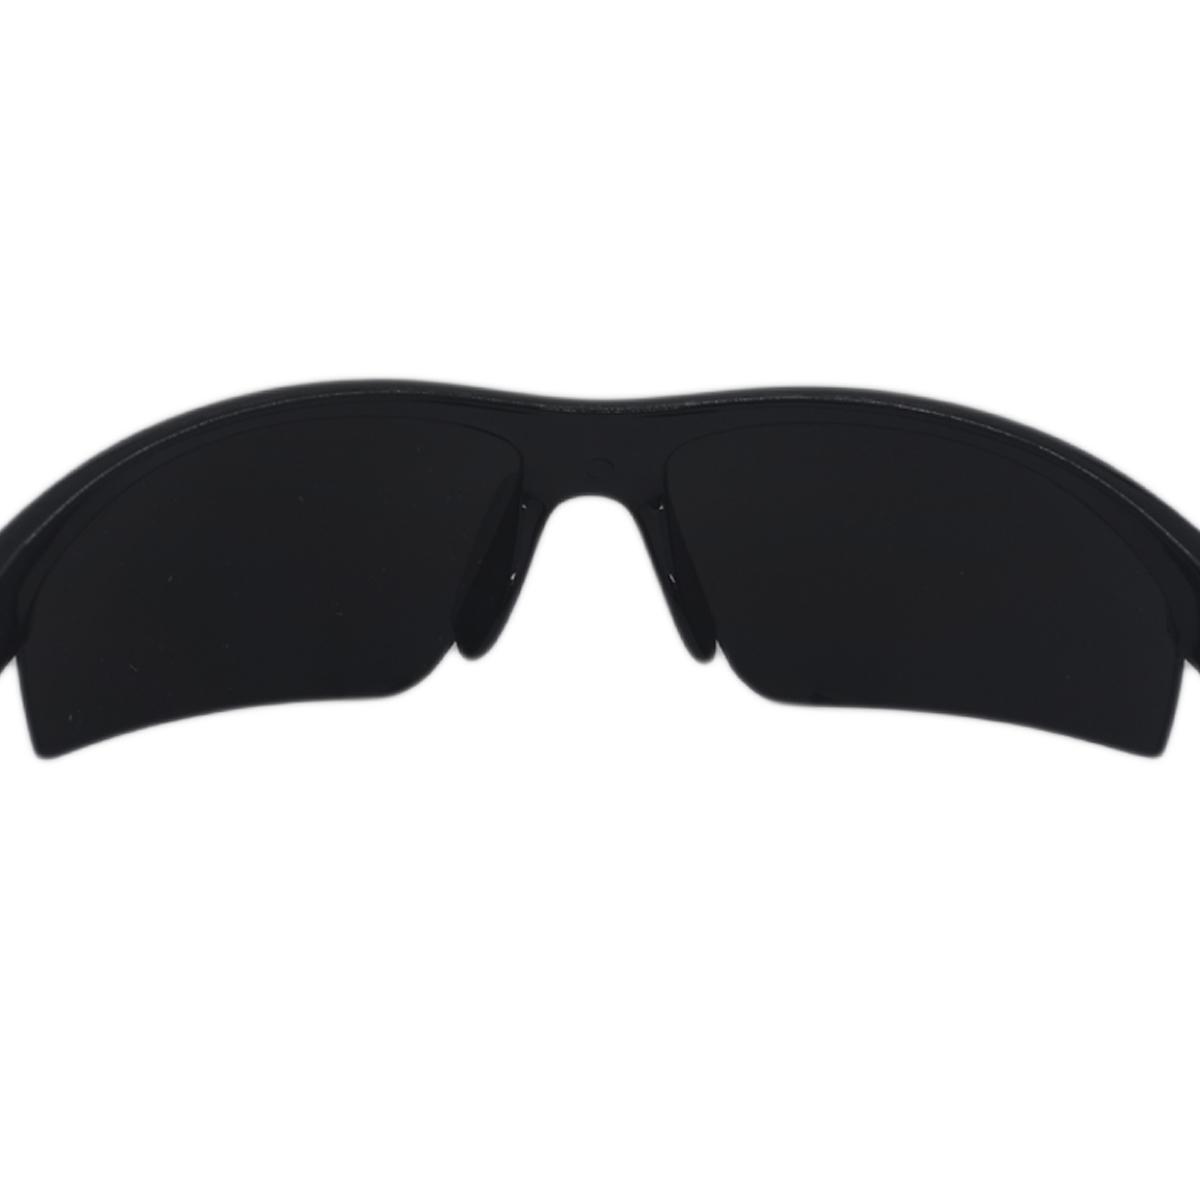 Óculos Ciclismo Esporte New Venon Preto C/ Lente Espelhada